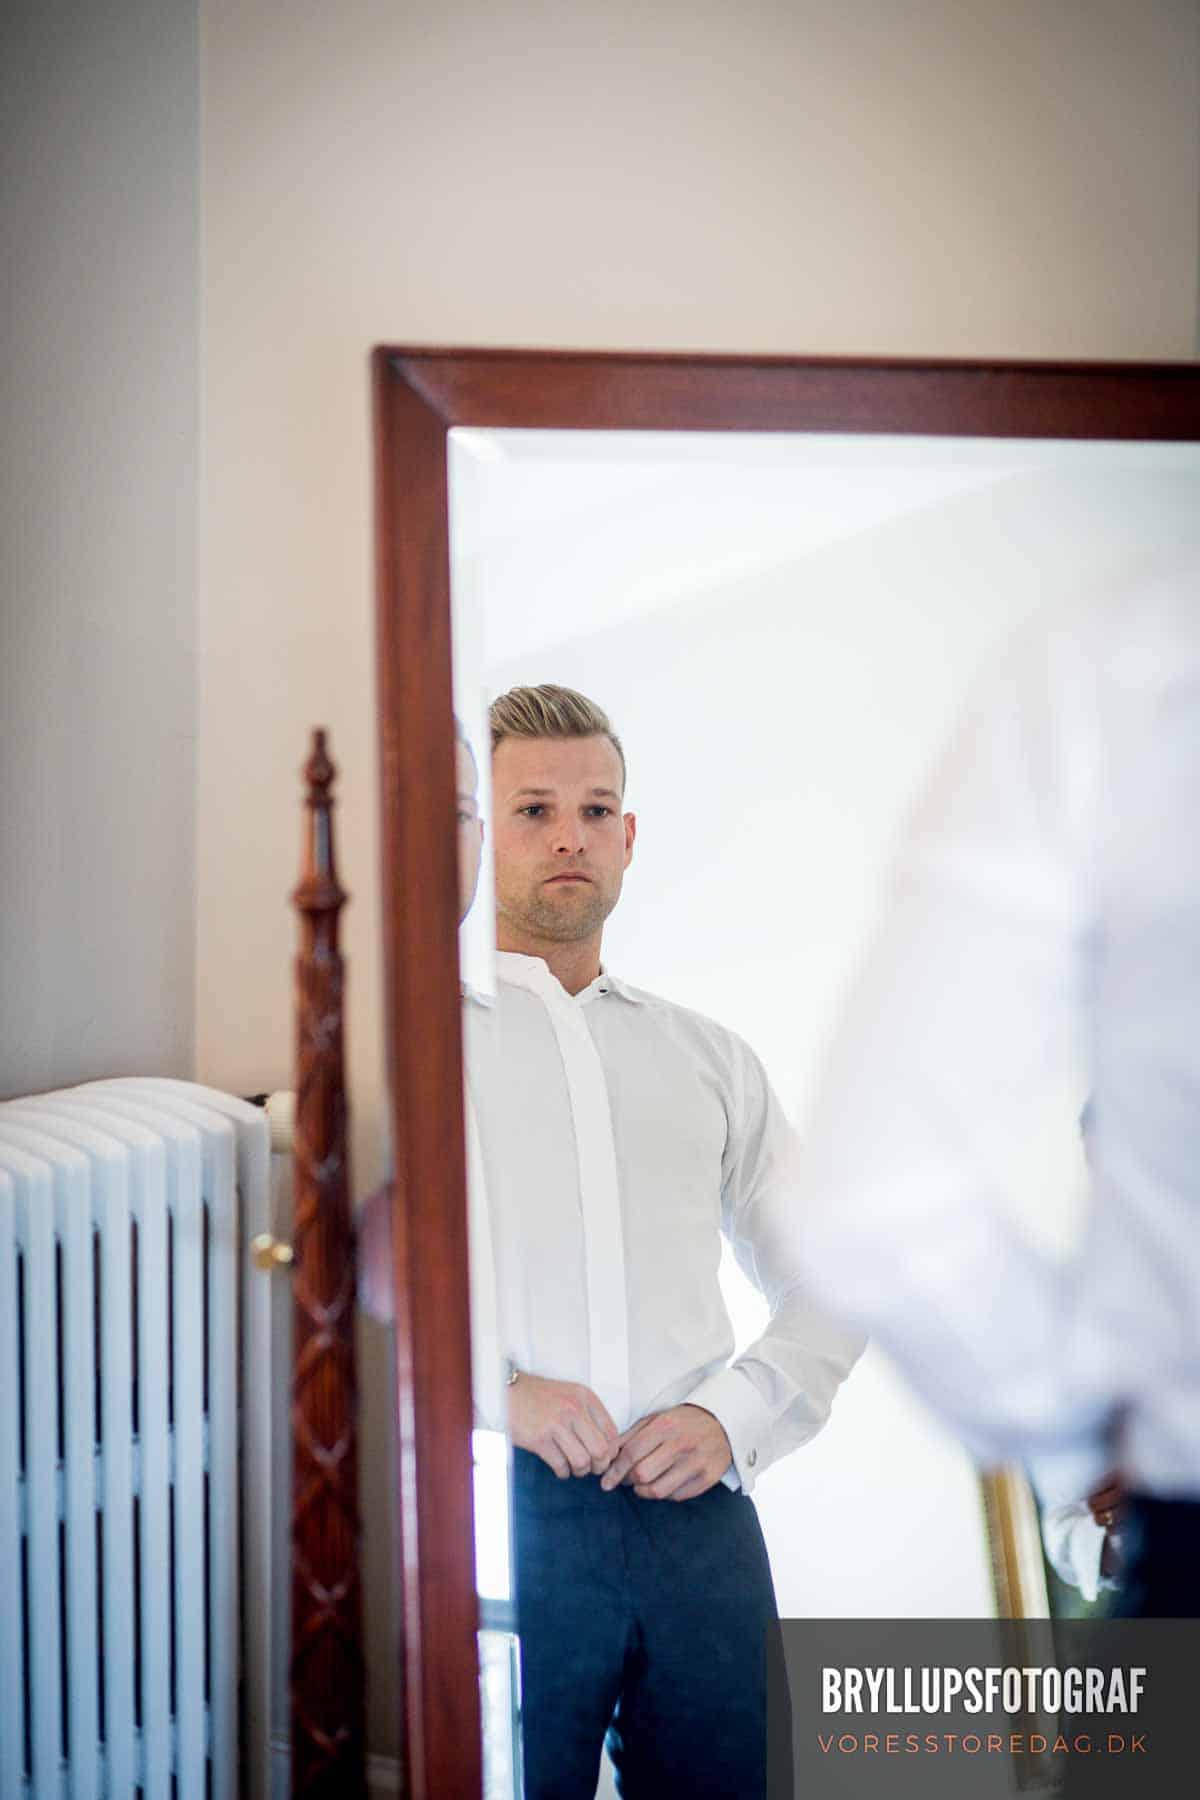 Bryllupsfotografering - Diskret og eksklusiv stil